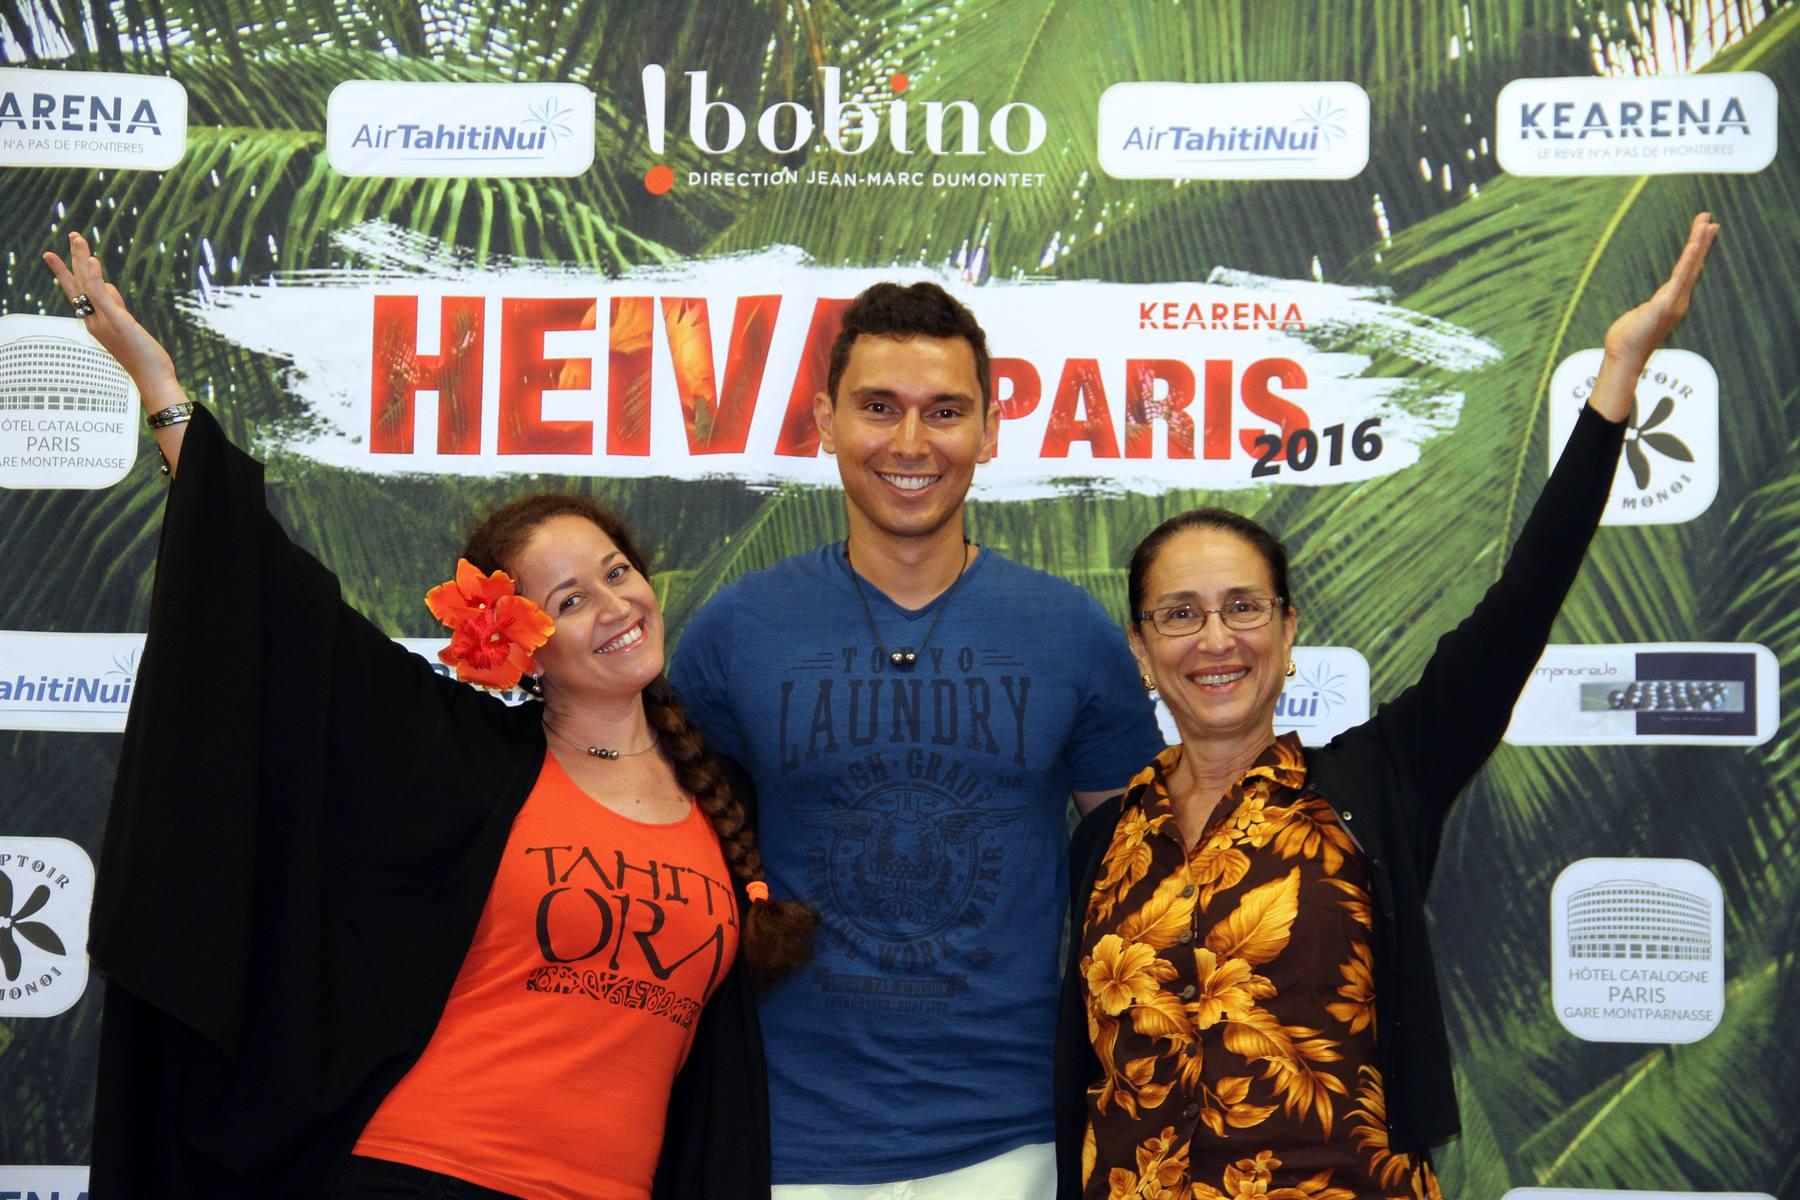 Moena Maiotui et Tumata Robinson, membres du jury, autour de Ken Carlter, producteur et maître de cérémonie.